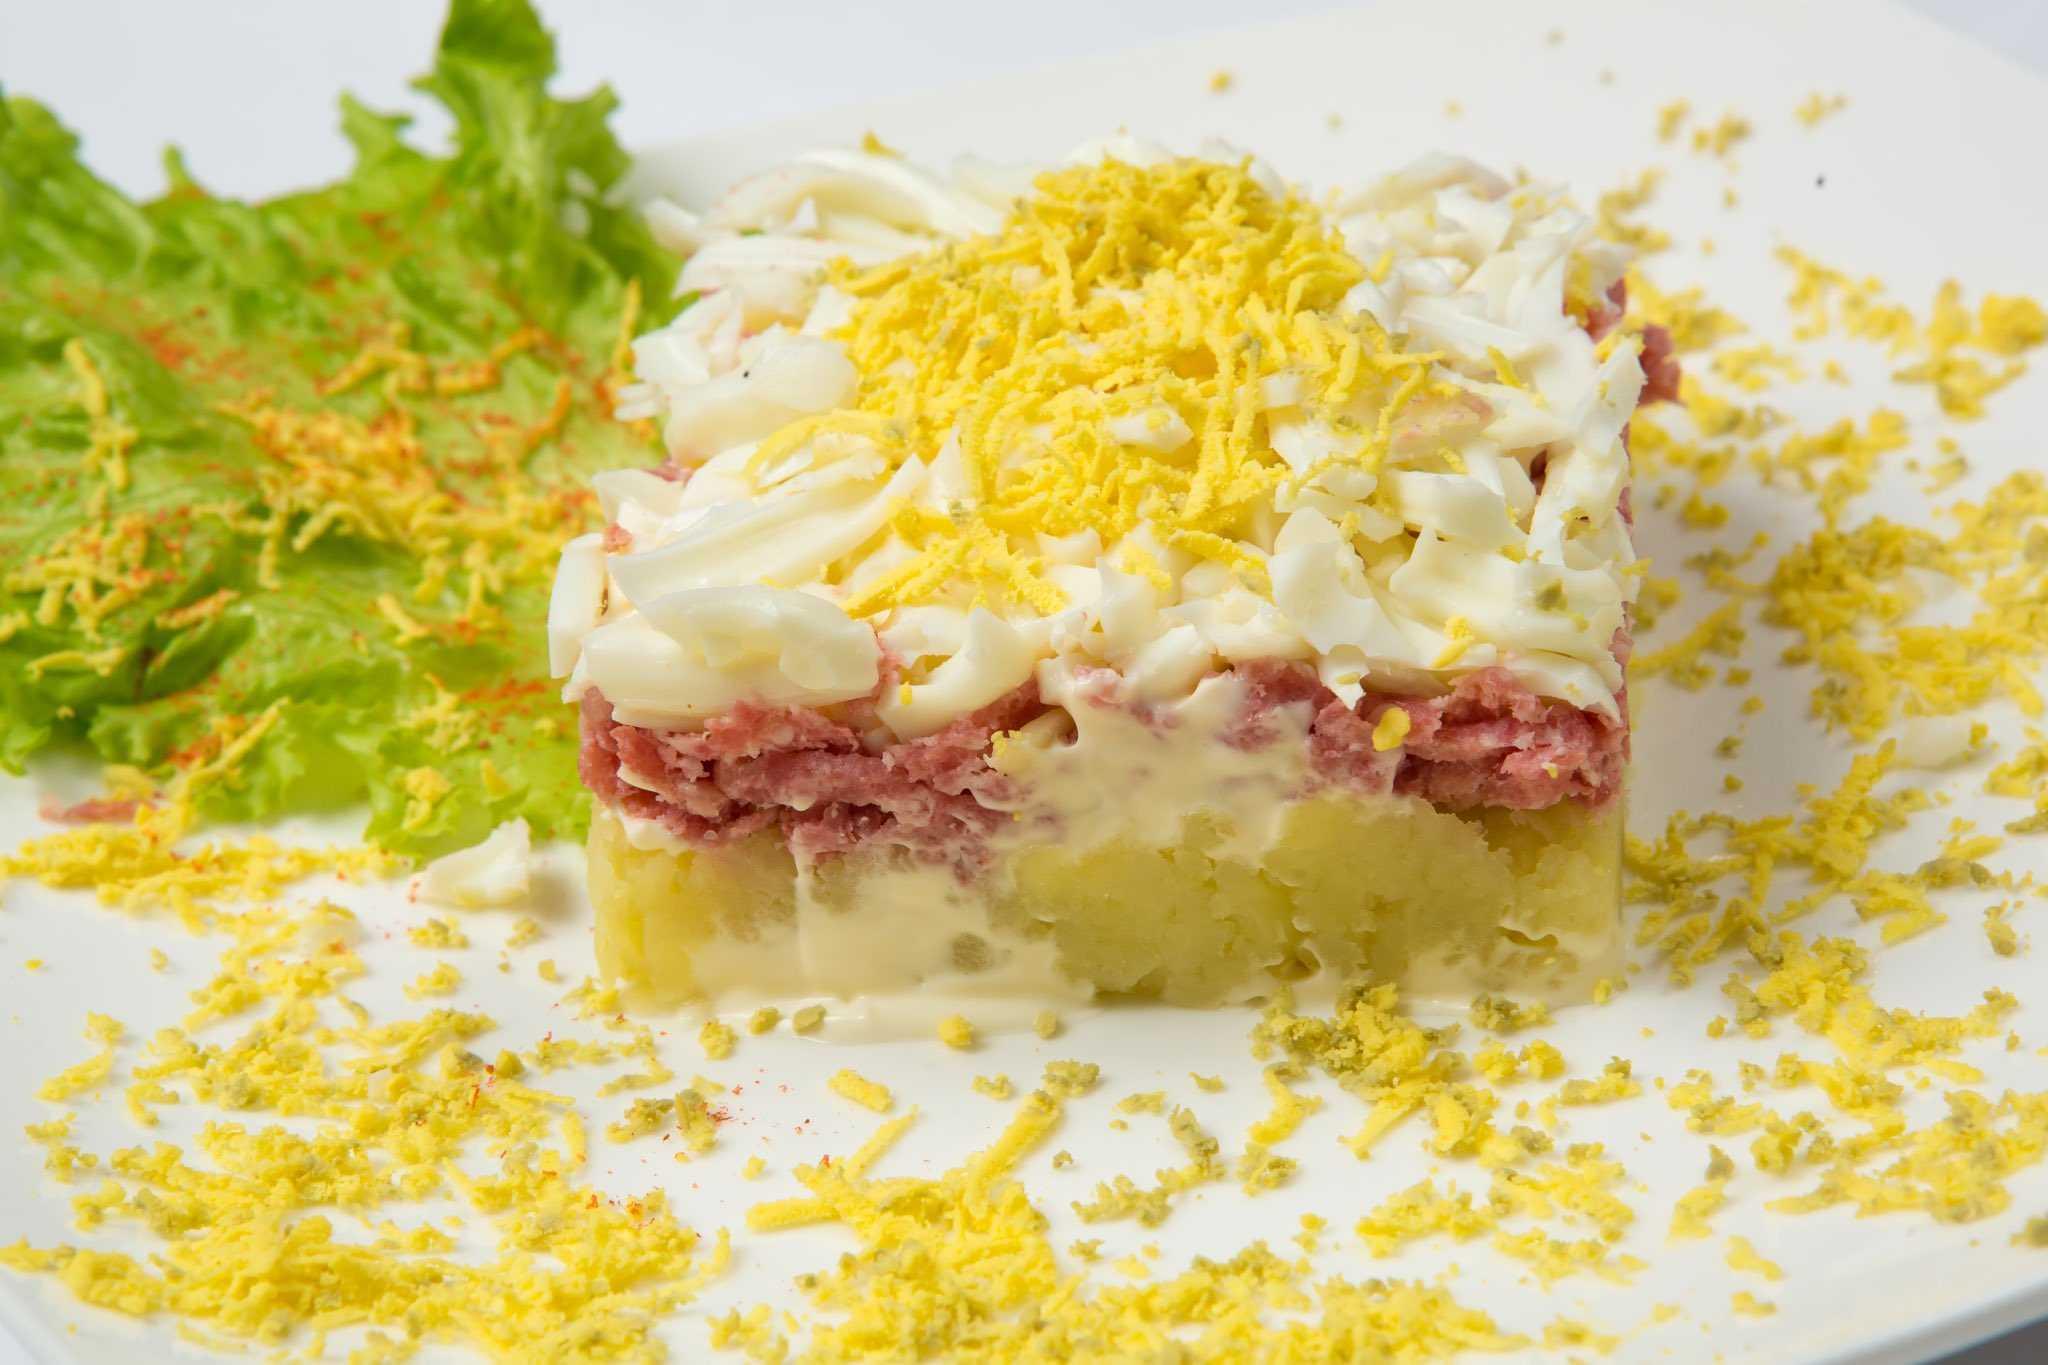 Салат с курицей и солеными огурцами - 10 потрясающих рецептов